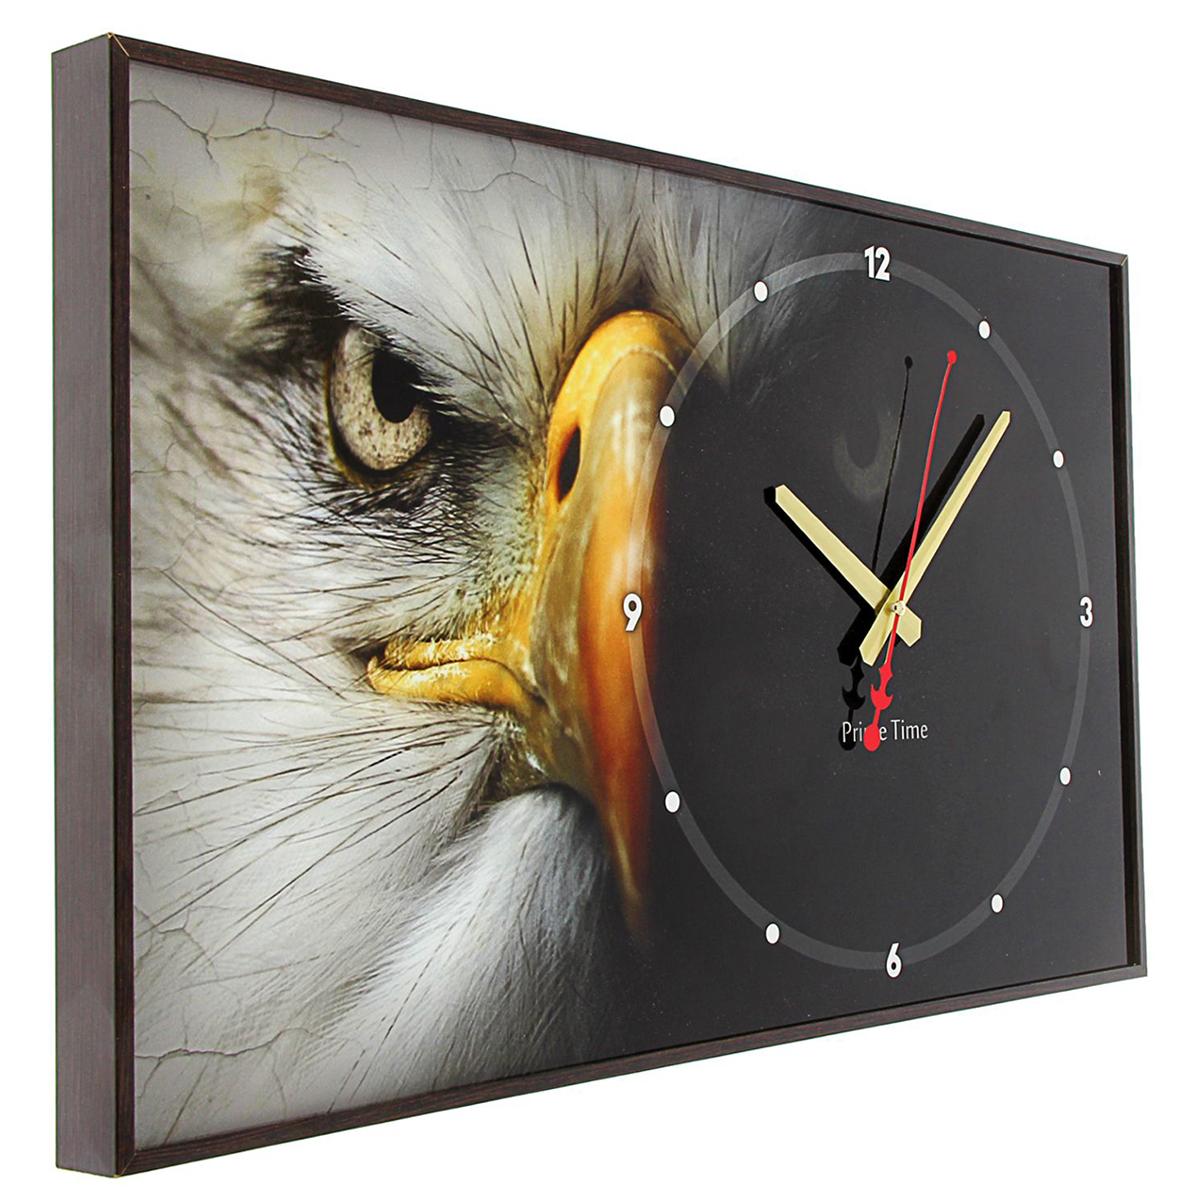 галстуке фоне часы на фото холсте серьги-гвоздики